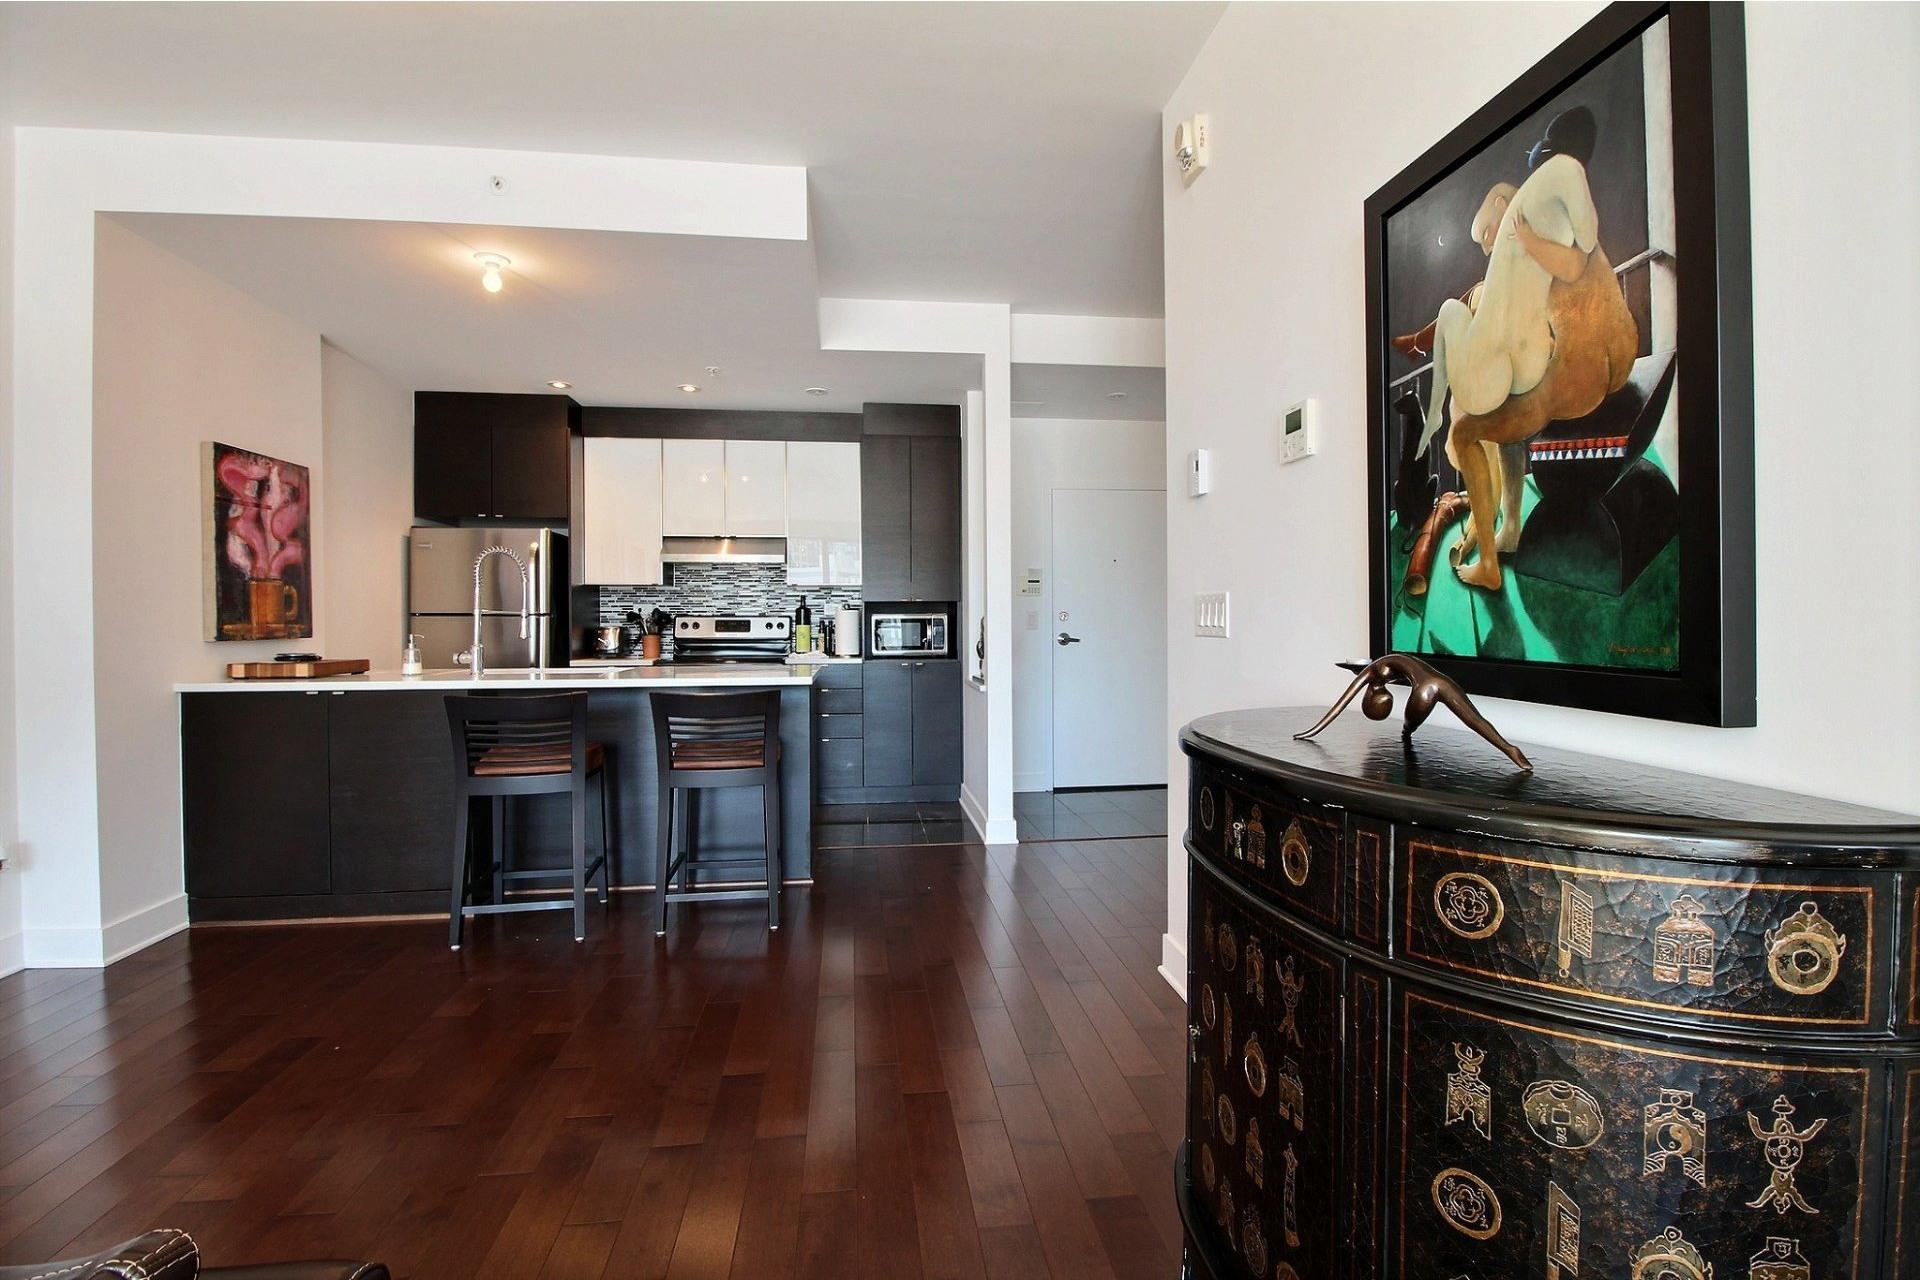 image 15 - Apartment For rent Côte-des-Neiges/Notre-Dame-de-Grâce Montréal  - 4 rooms